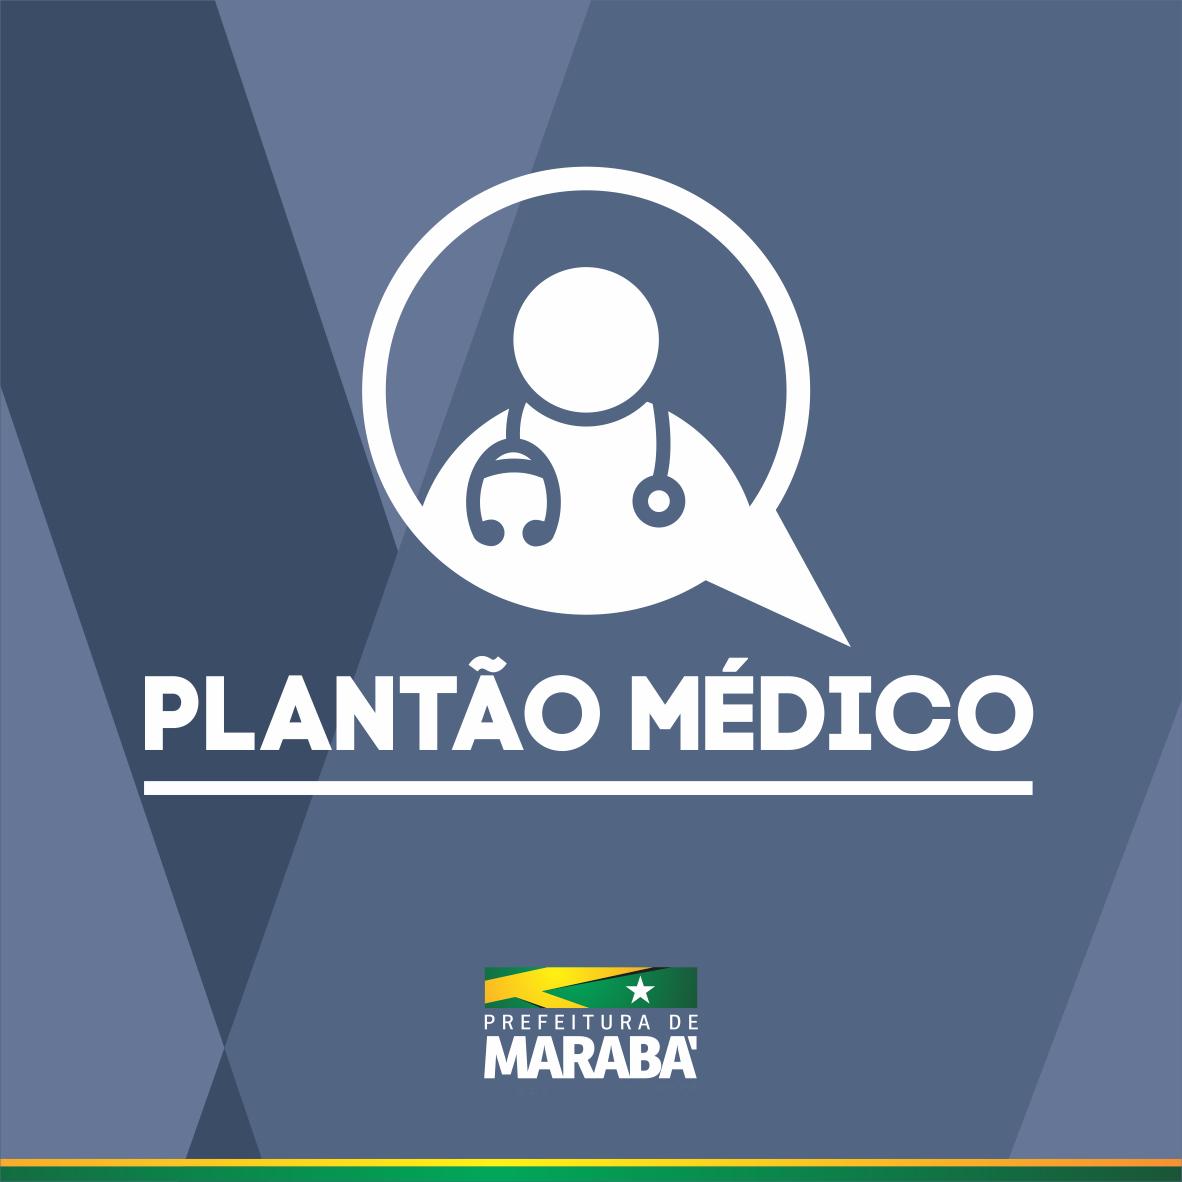 Saúde: Plantão médico do HMM e HMI até a próxima segunda-feira (03)